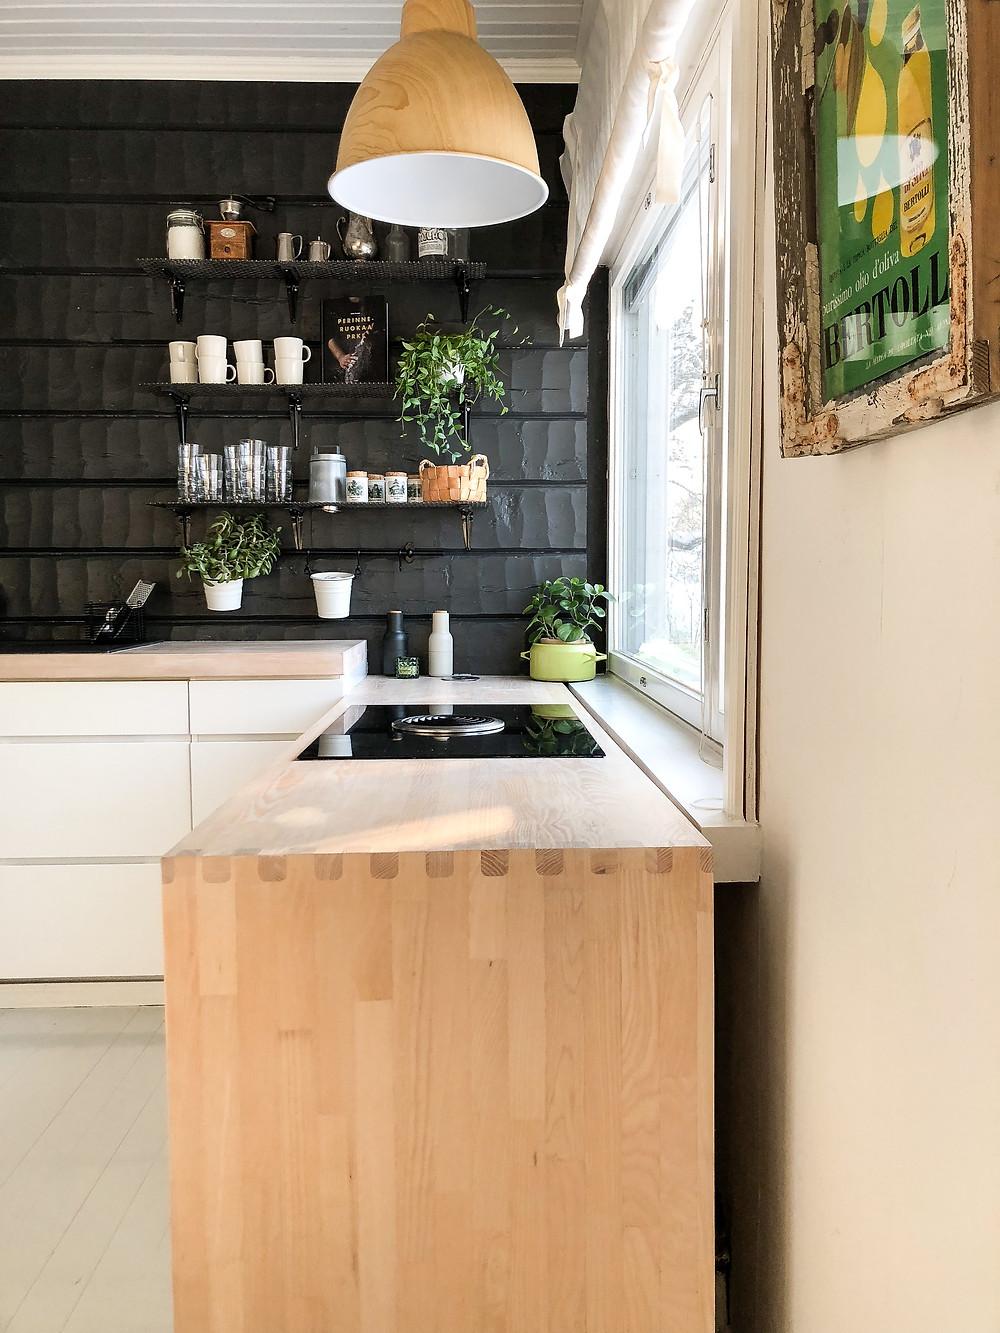 keittiön työtaso saarni, keittiön työtaso vaaleaa puuta, kitchen worktop light wood,  kitchen ash worktop